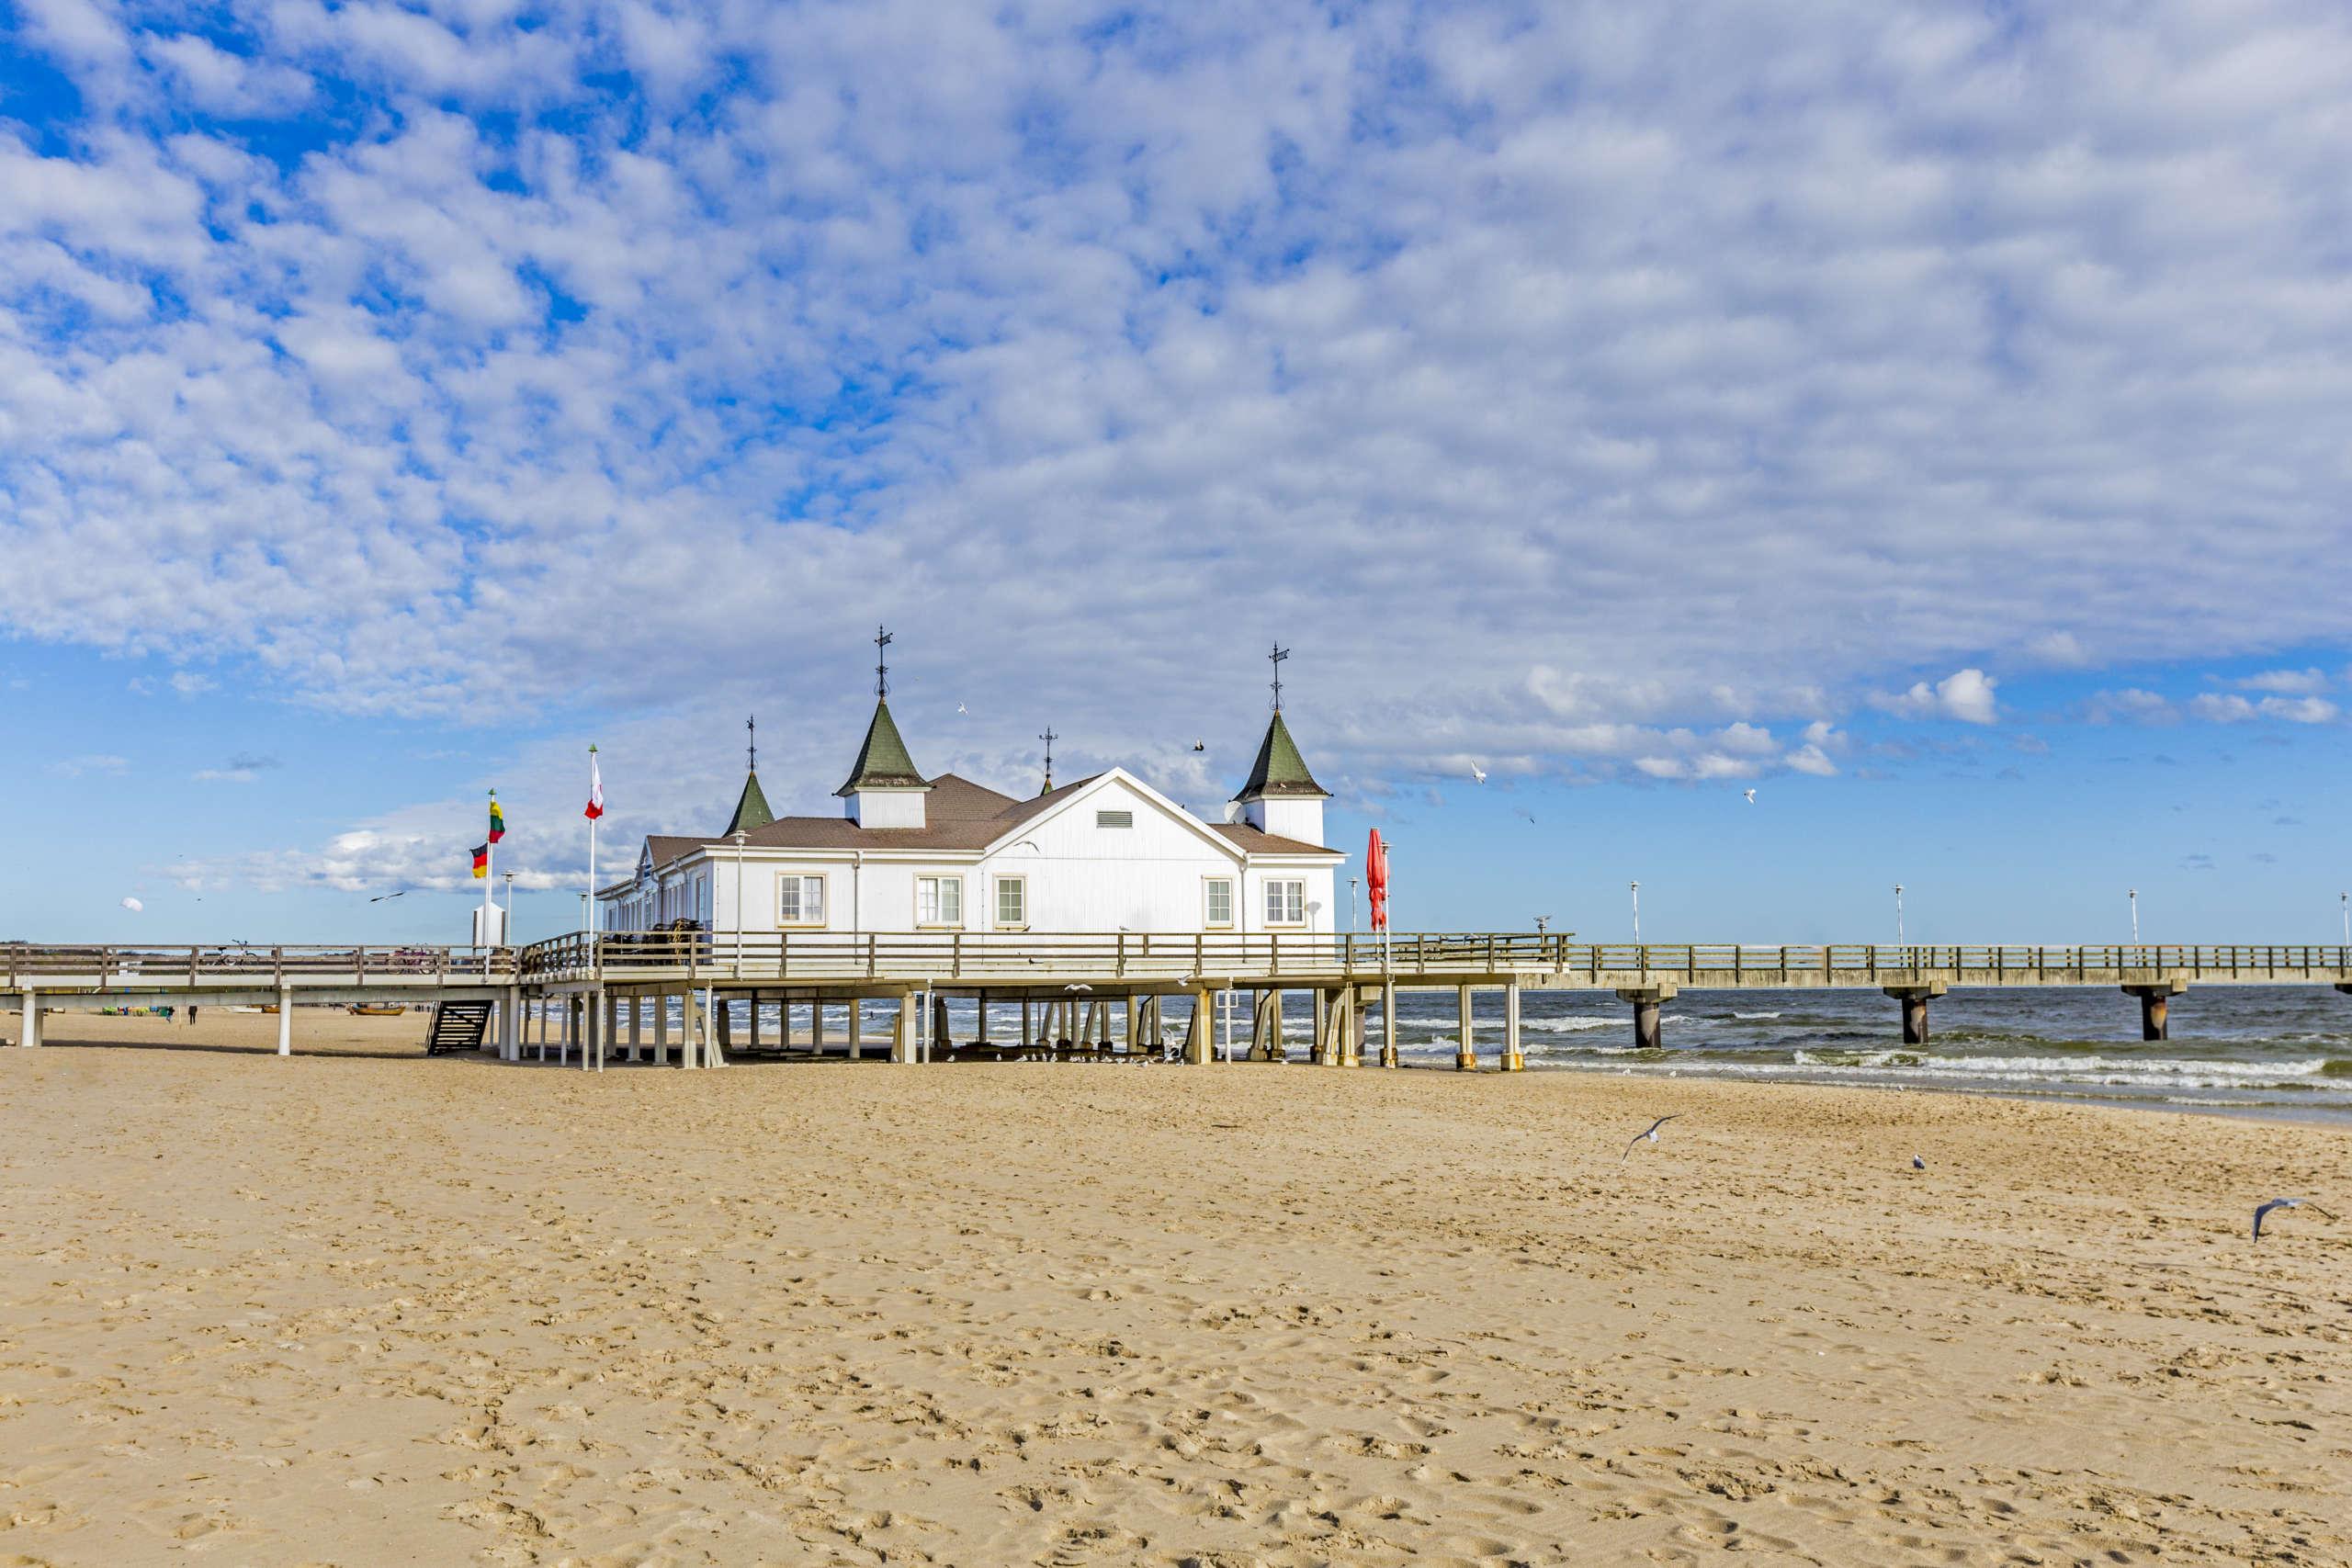 Sandstrand, im Hintergrund ein Pier in Ahlbeck auf Usedom